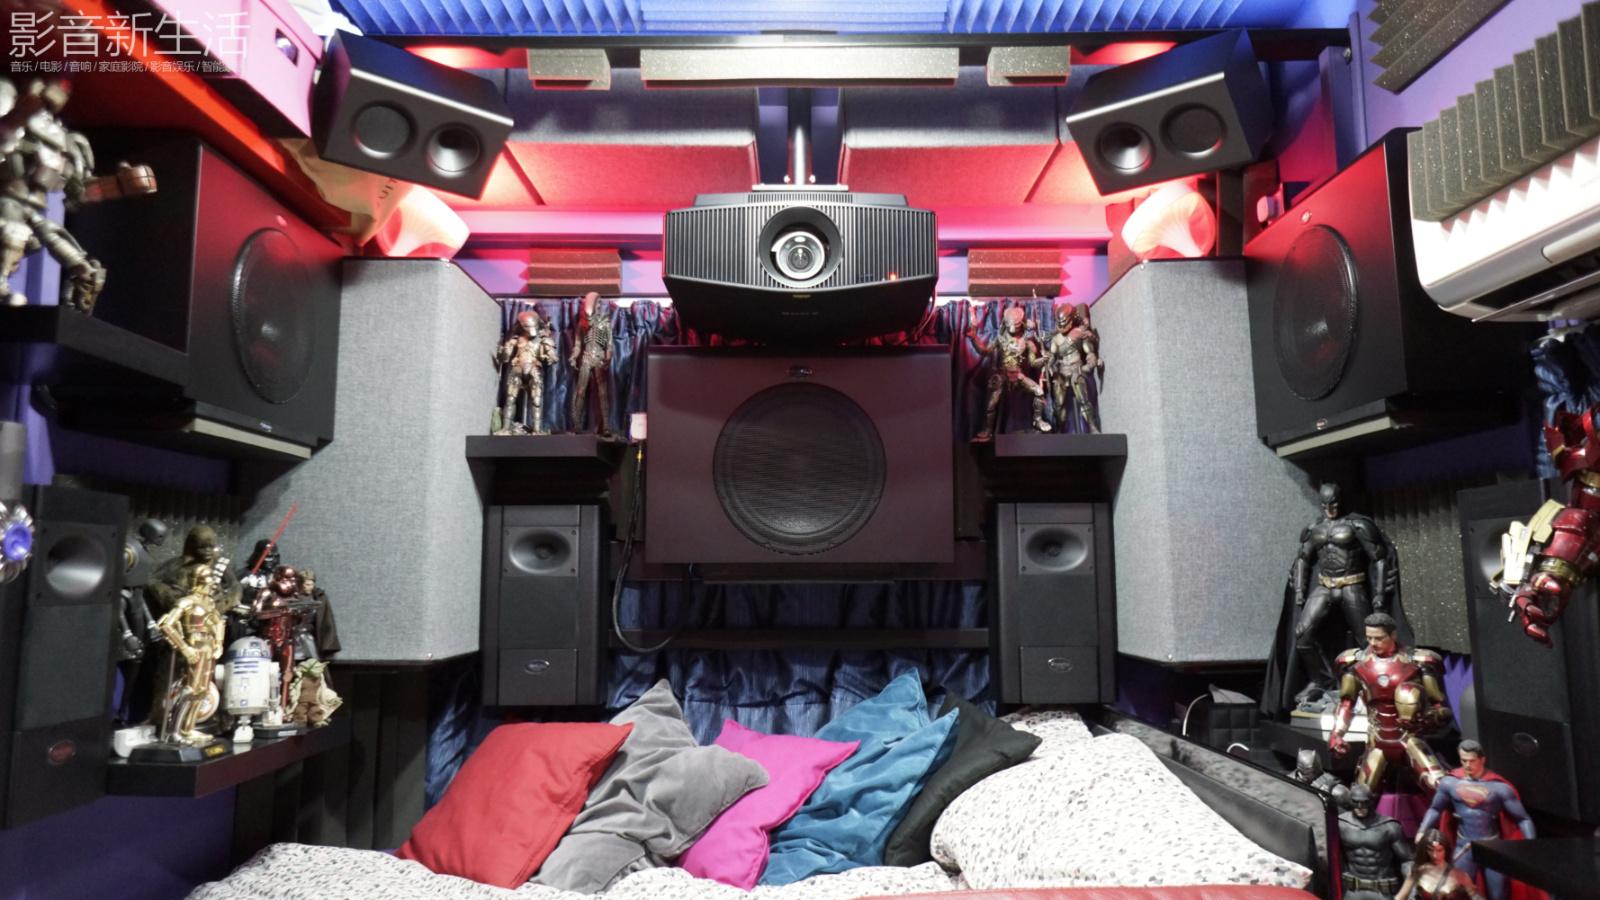 关于Hi-Fi | 假若我家空间很大,需要在大空间中按照比例隔出小聆听空间吗?